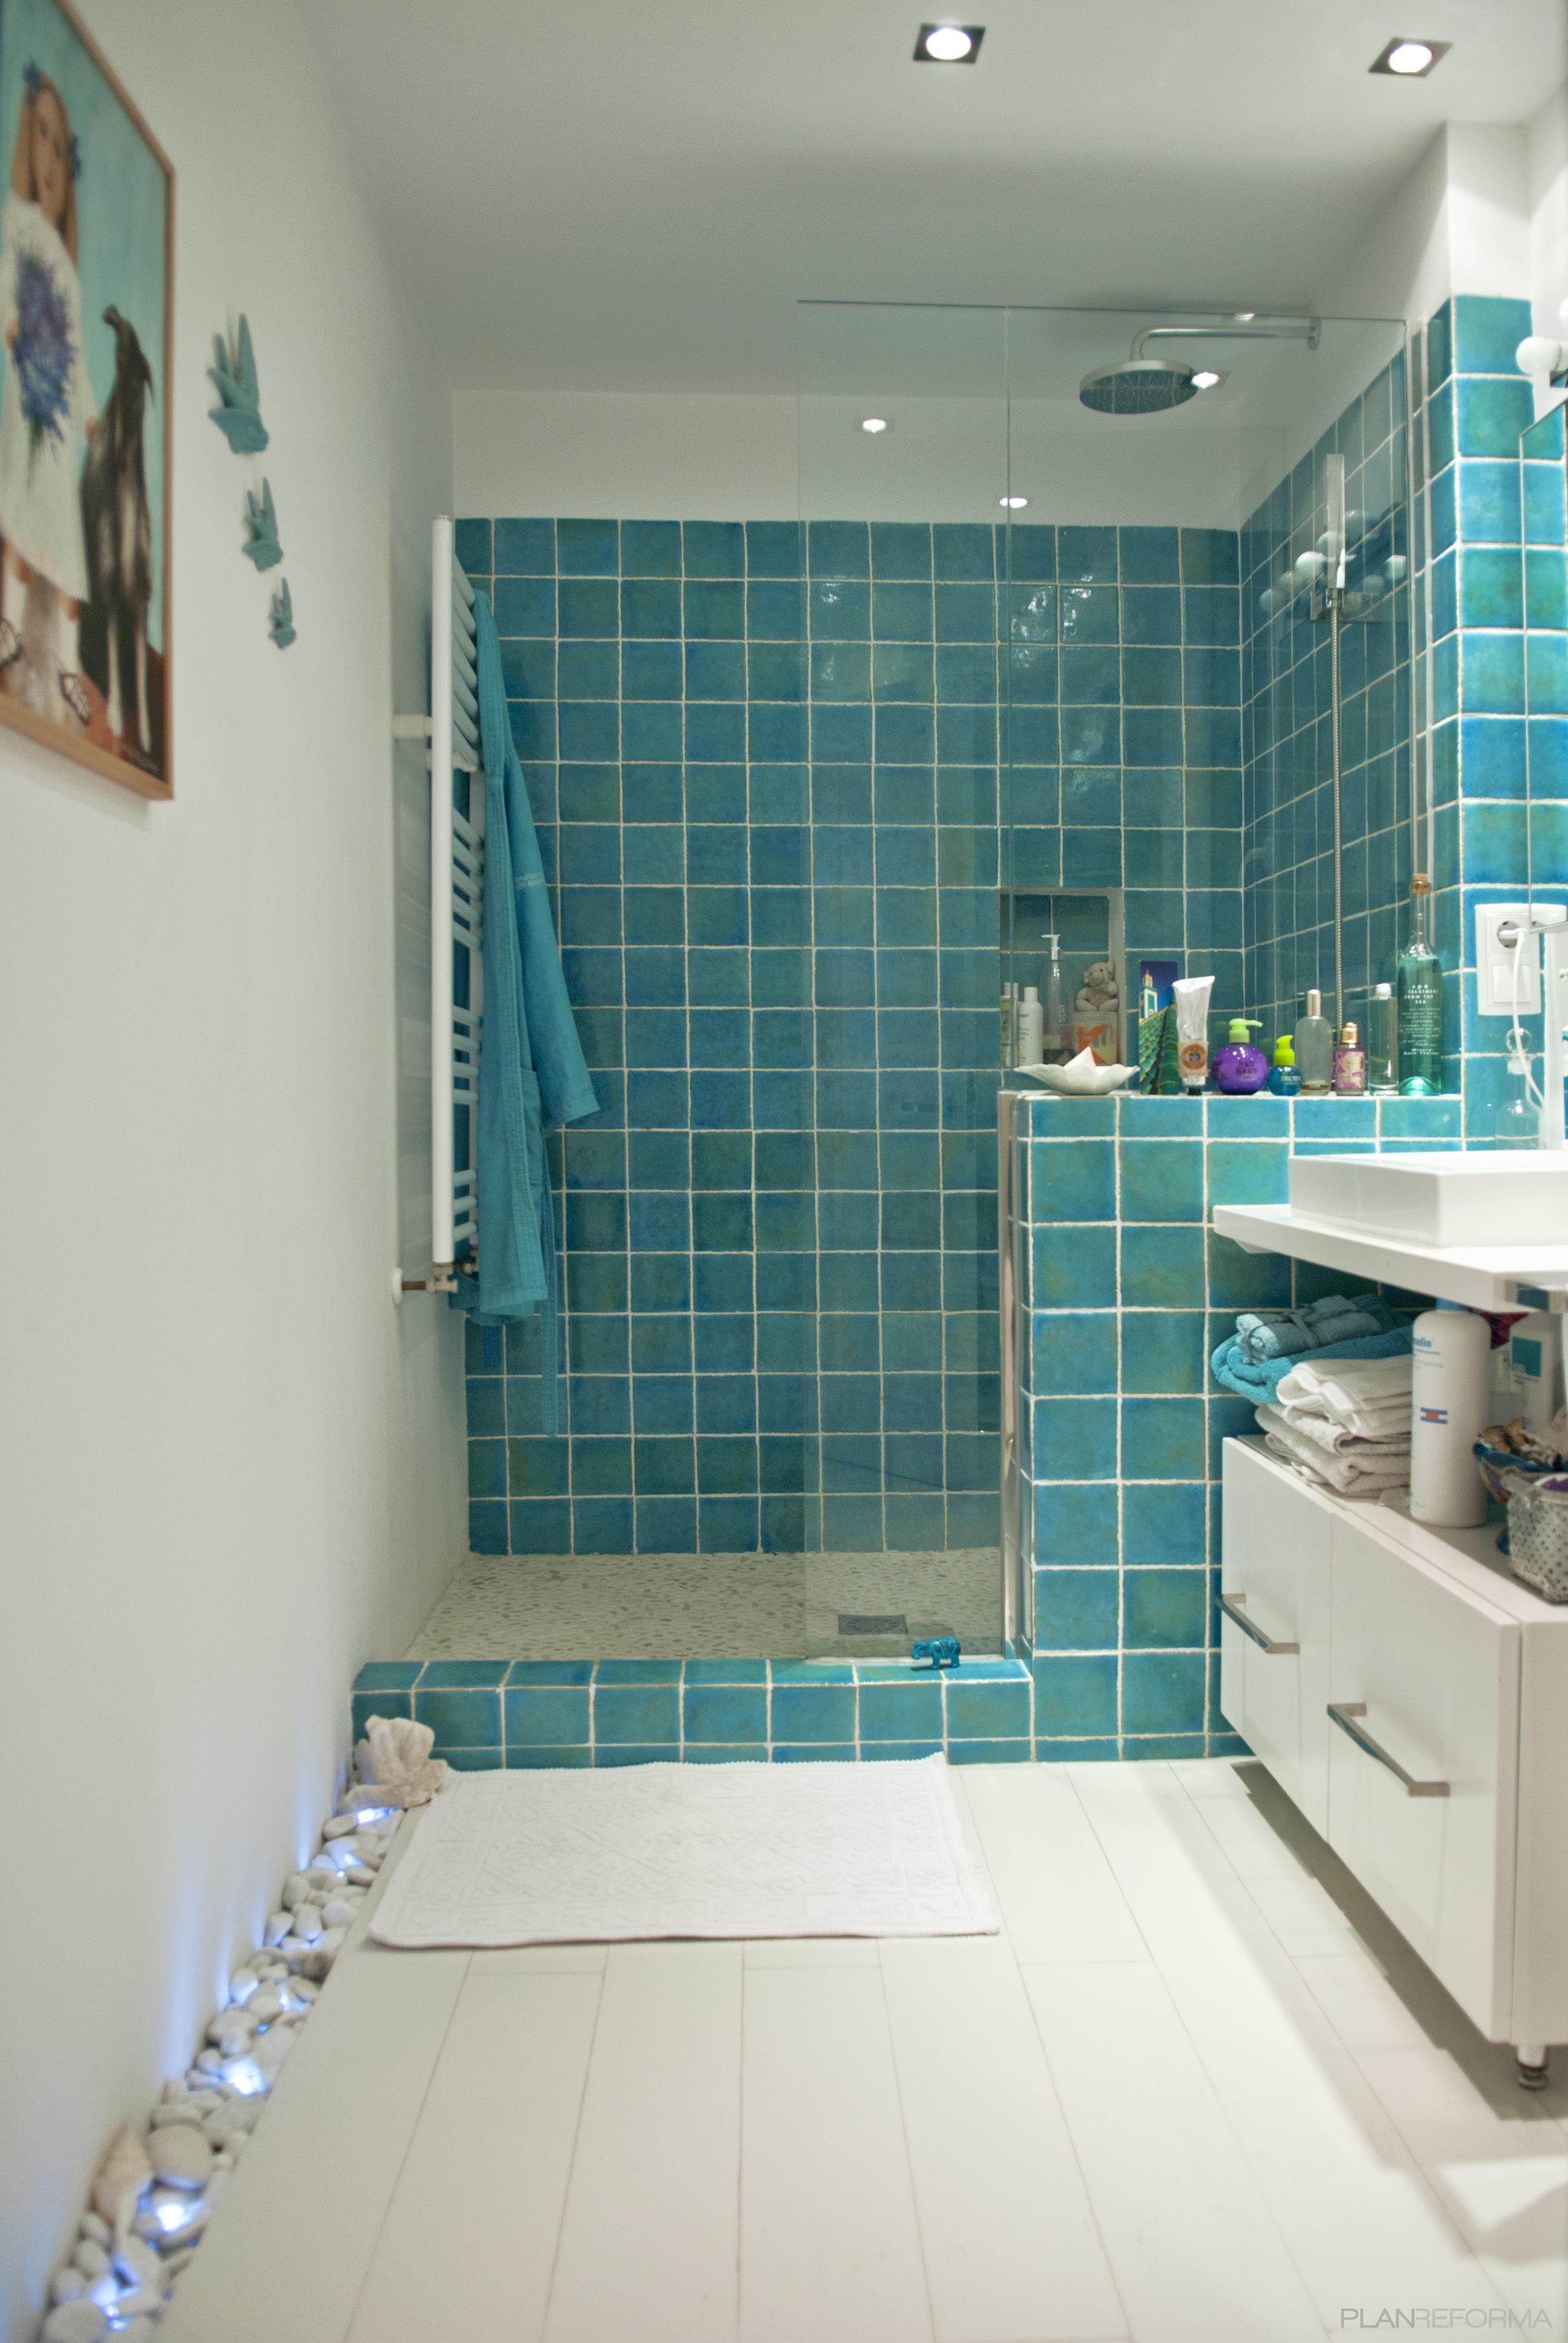 Pin De Sandy Zimmer Em Remodel Ideas Em 2020 Decoracao Banheiro